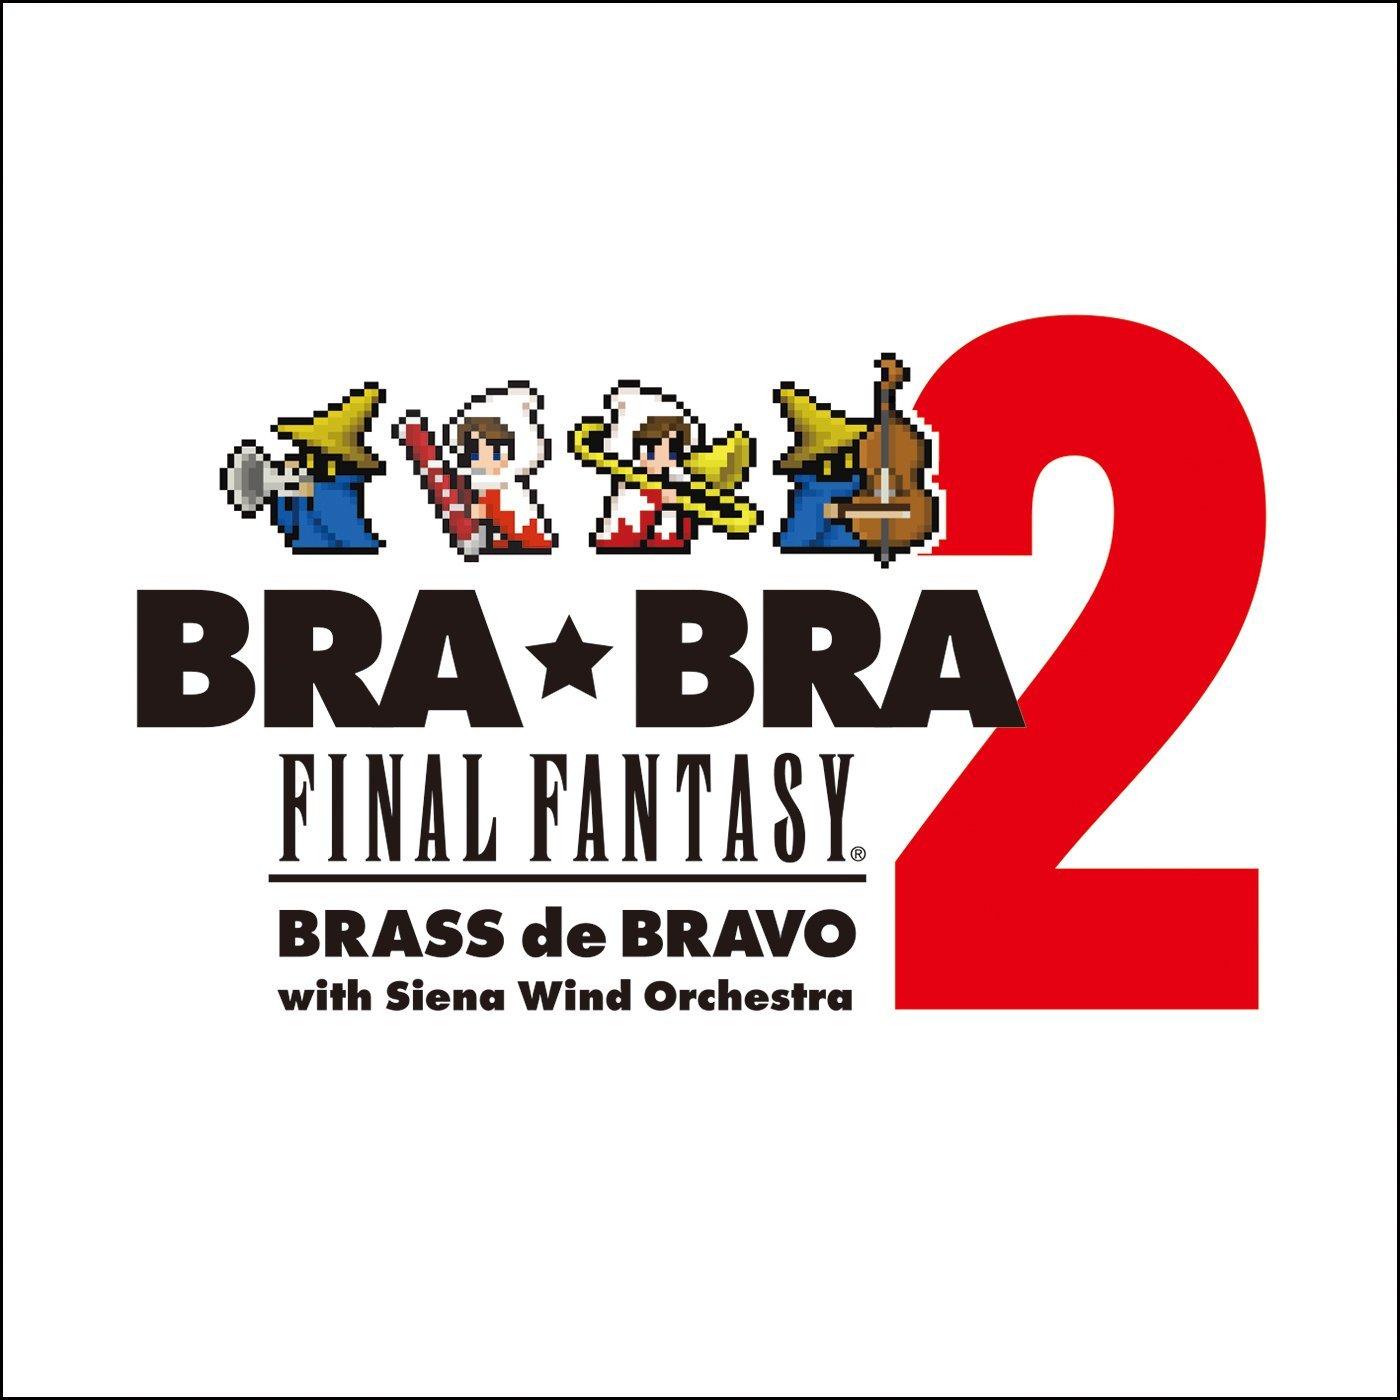 brabra2brassdebravofinalfantasy